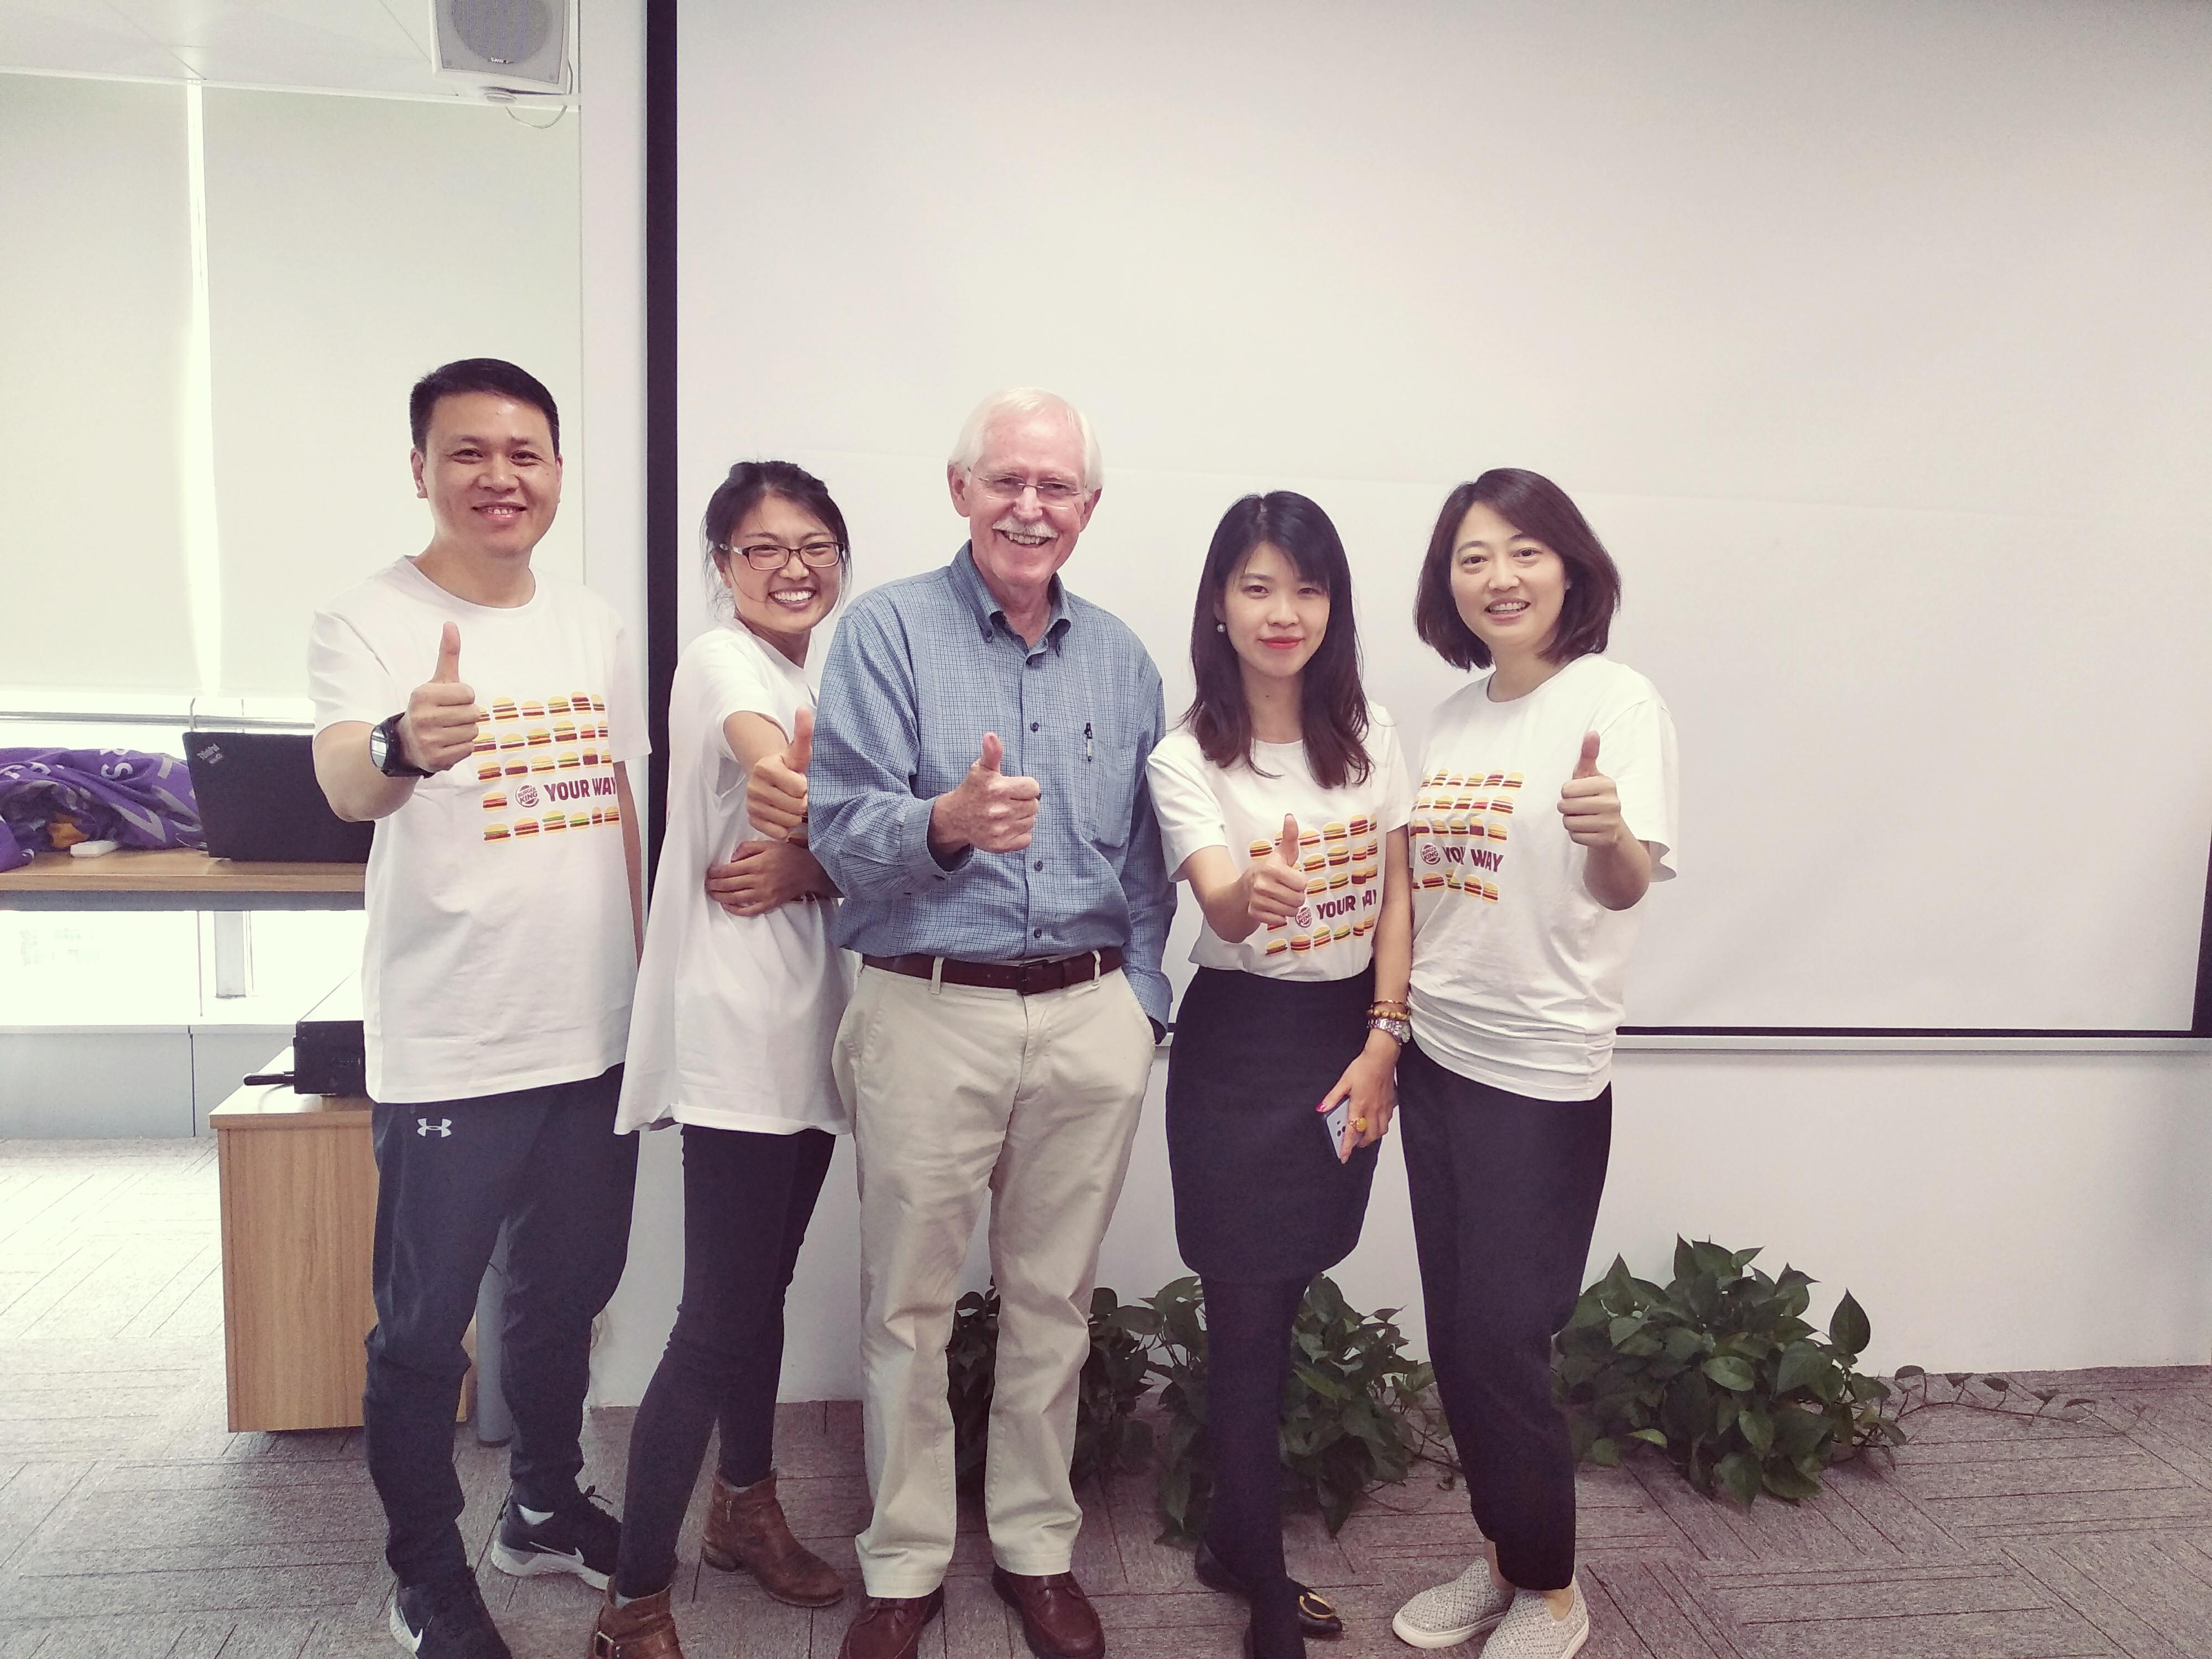 上海MBA_在职MBA_免联考MBA_国际MBA_全球顶尖美国北爱荷华大学MBA_USNEWS全美西部TOP2公立大学